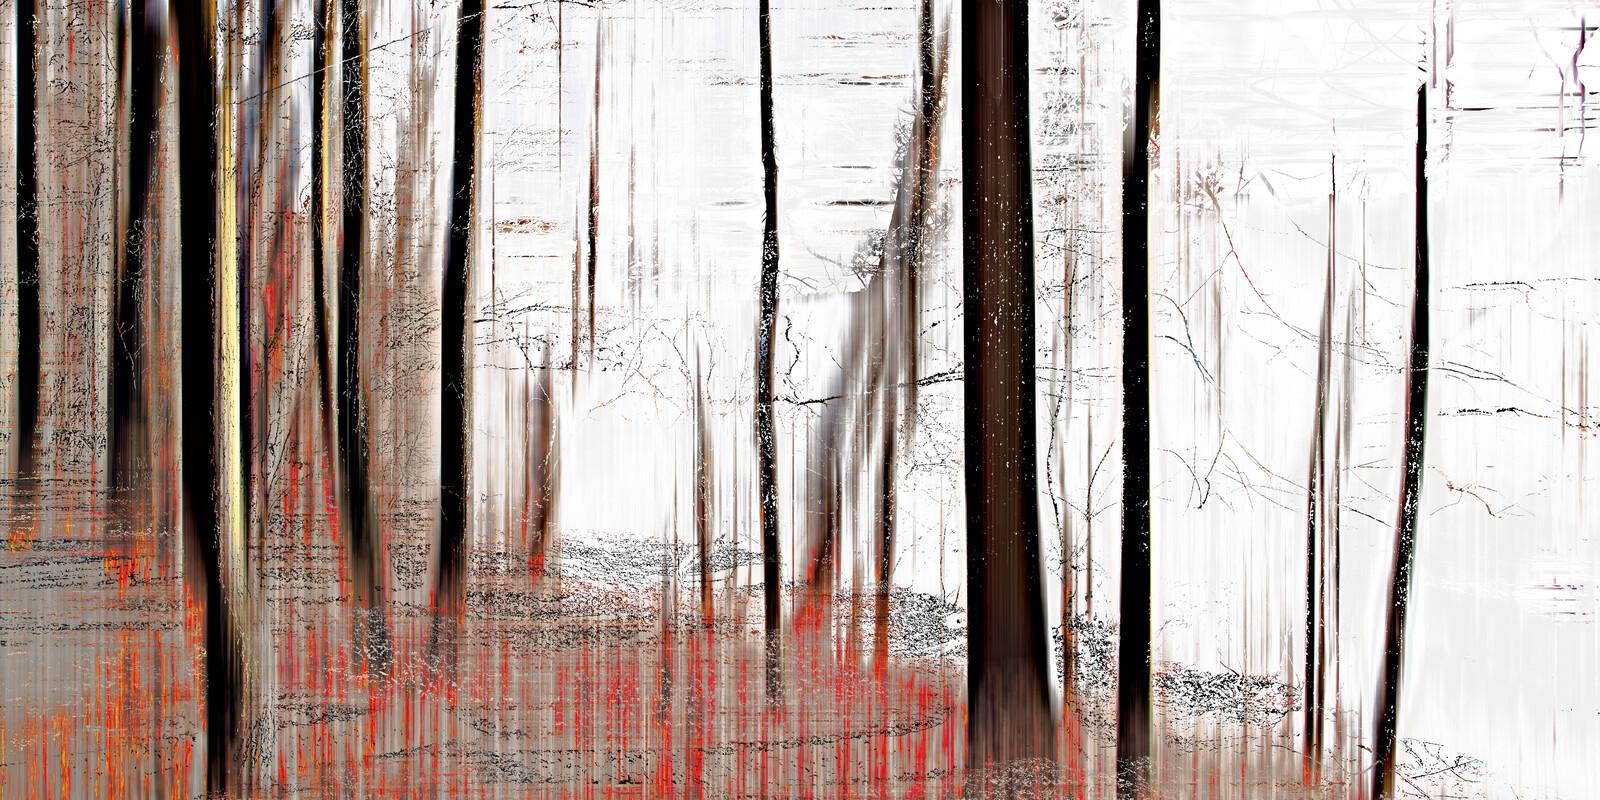 wood_0870 - Sabine Wild